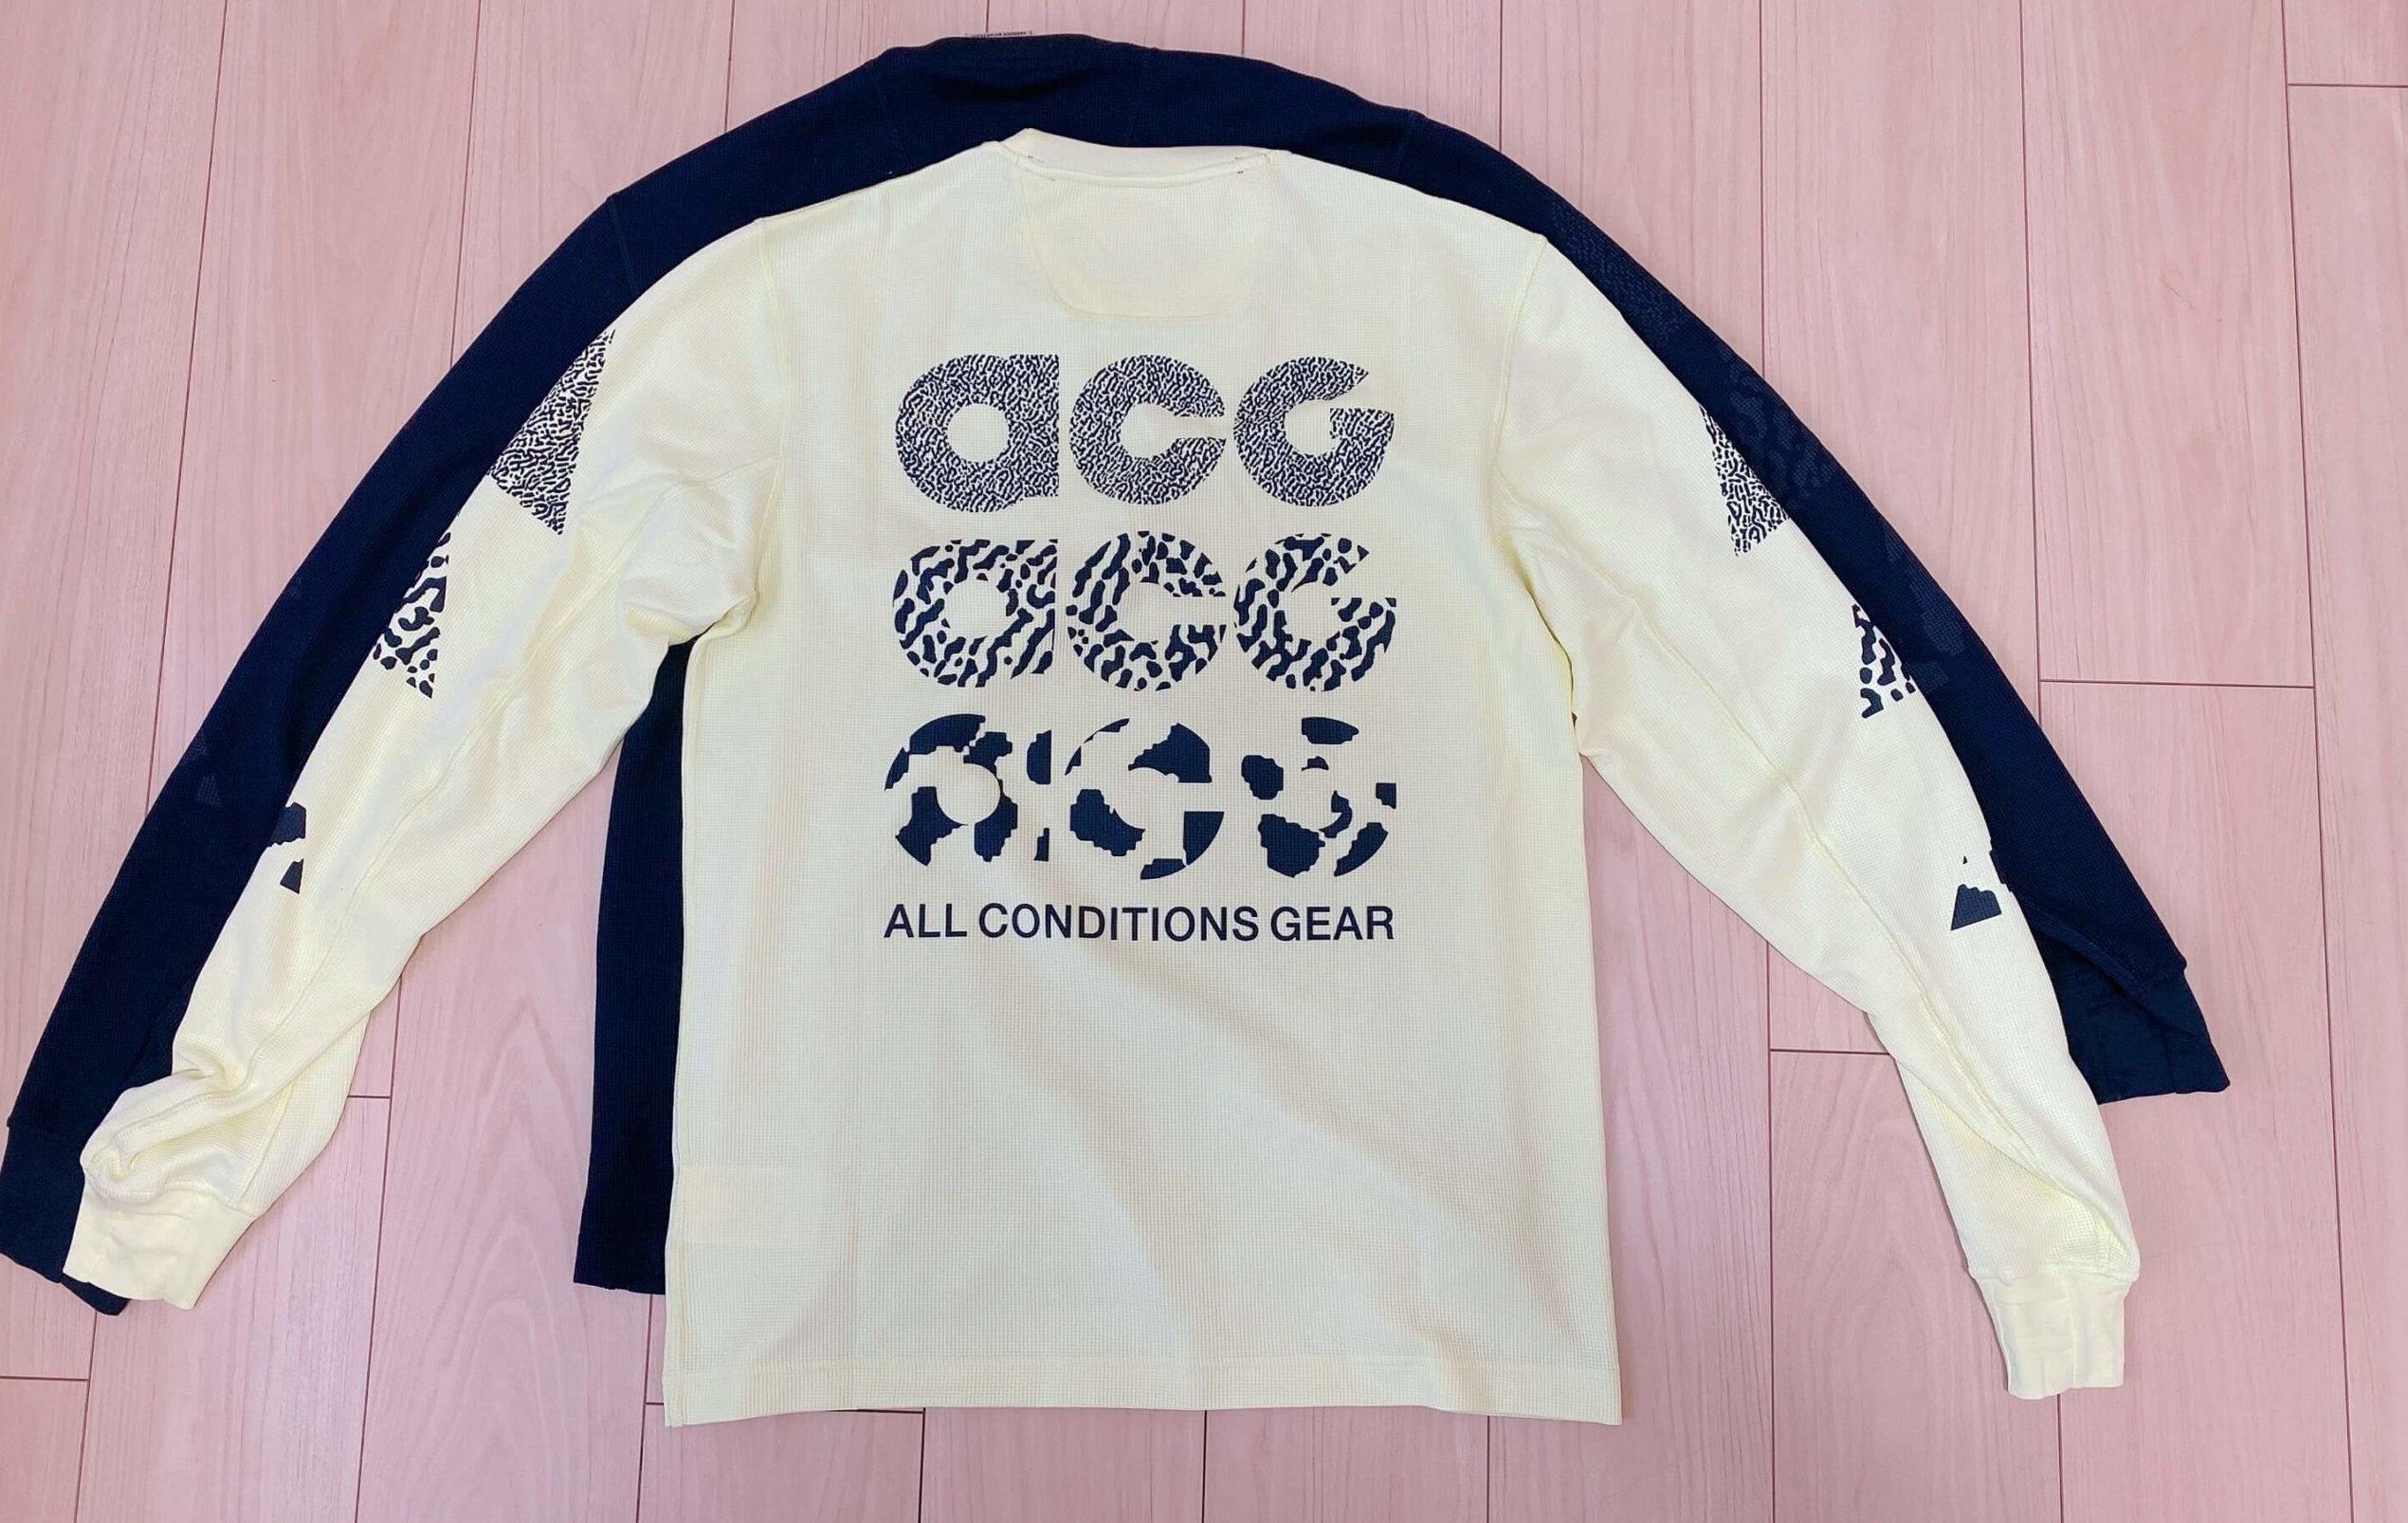 ナイキACGのTシャツのバックプリント